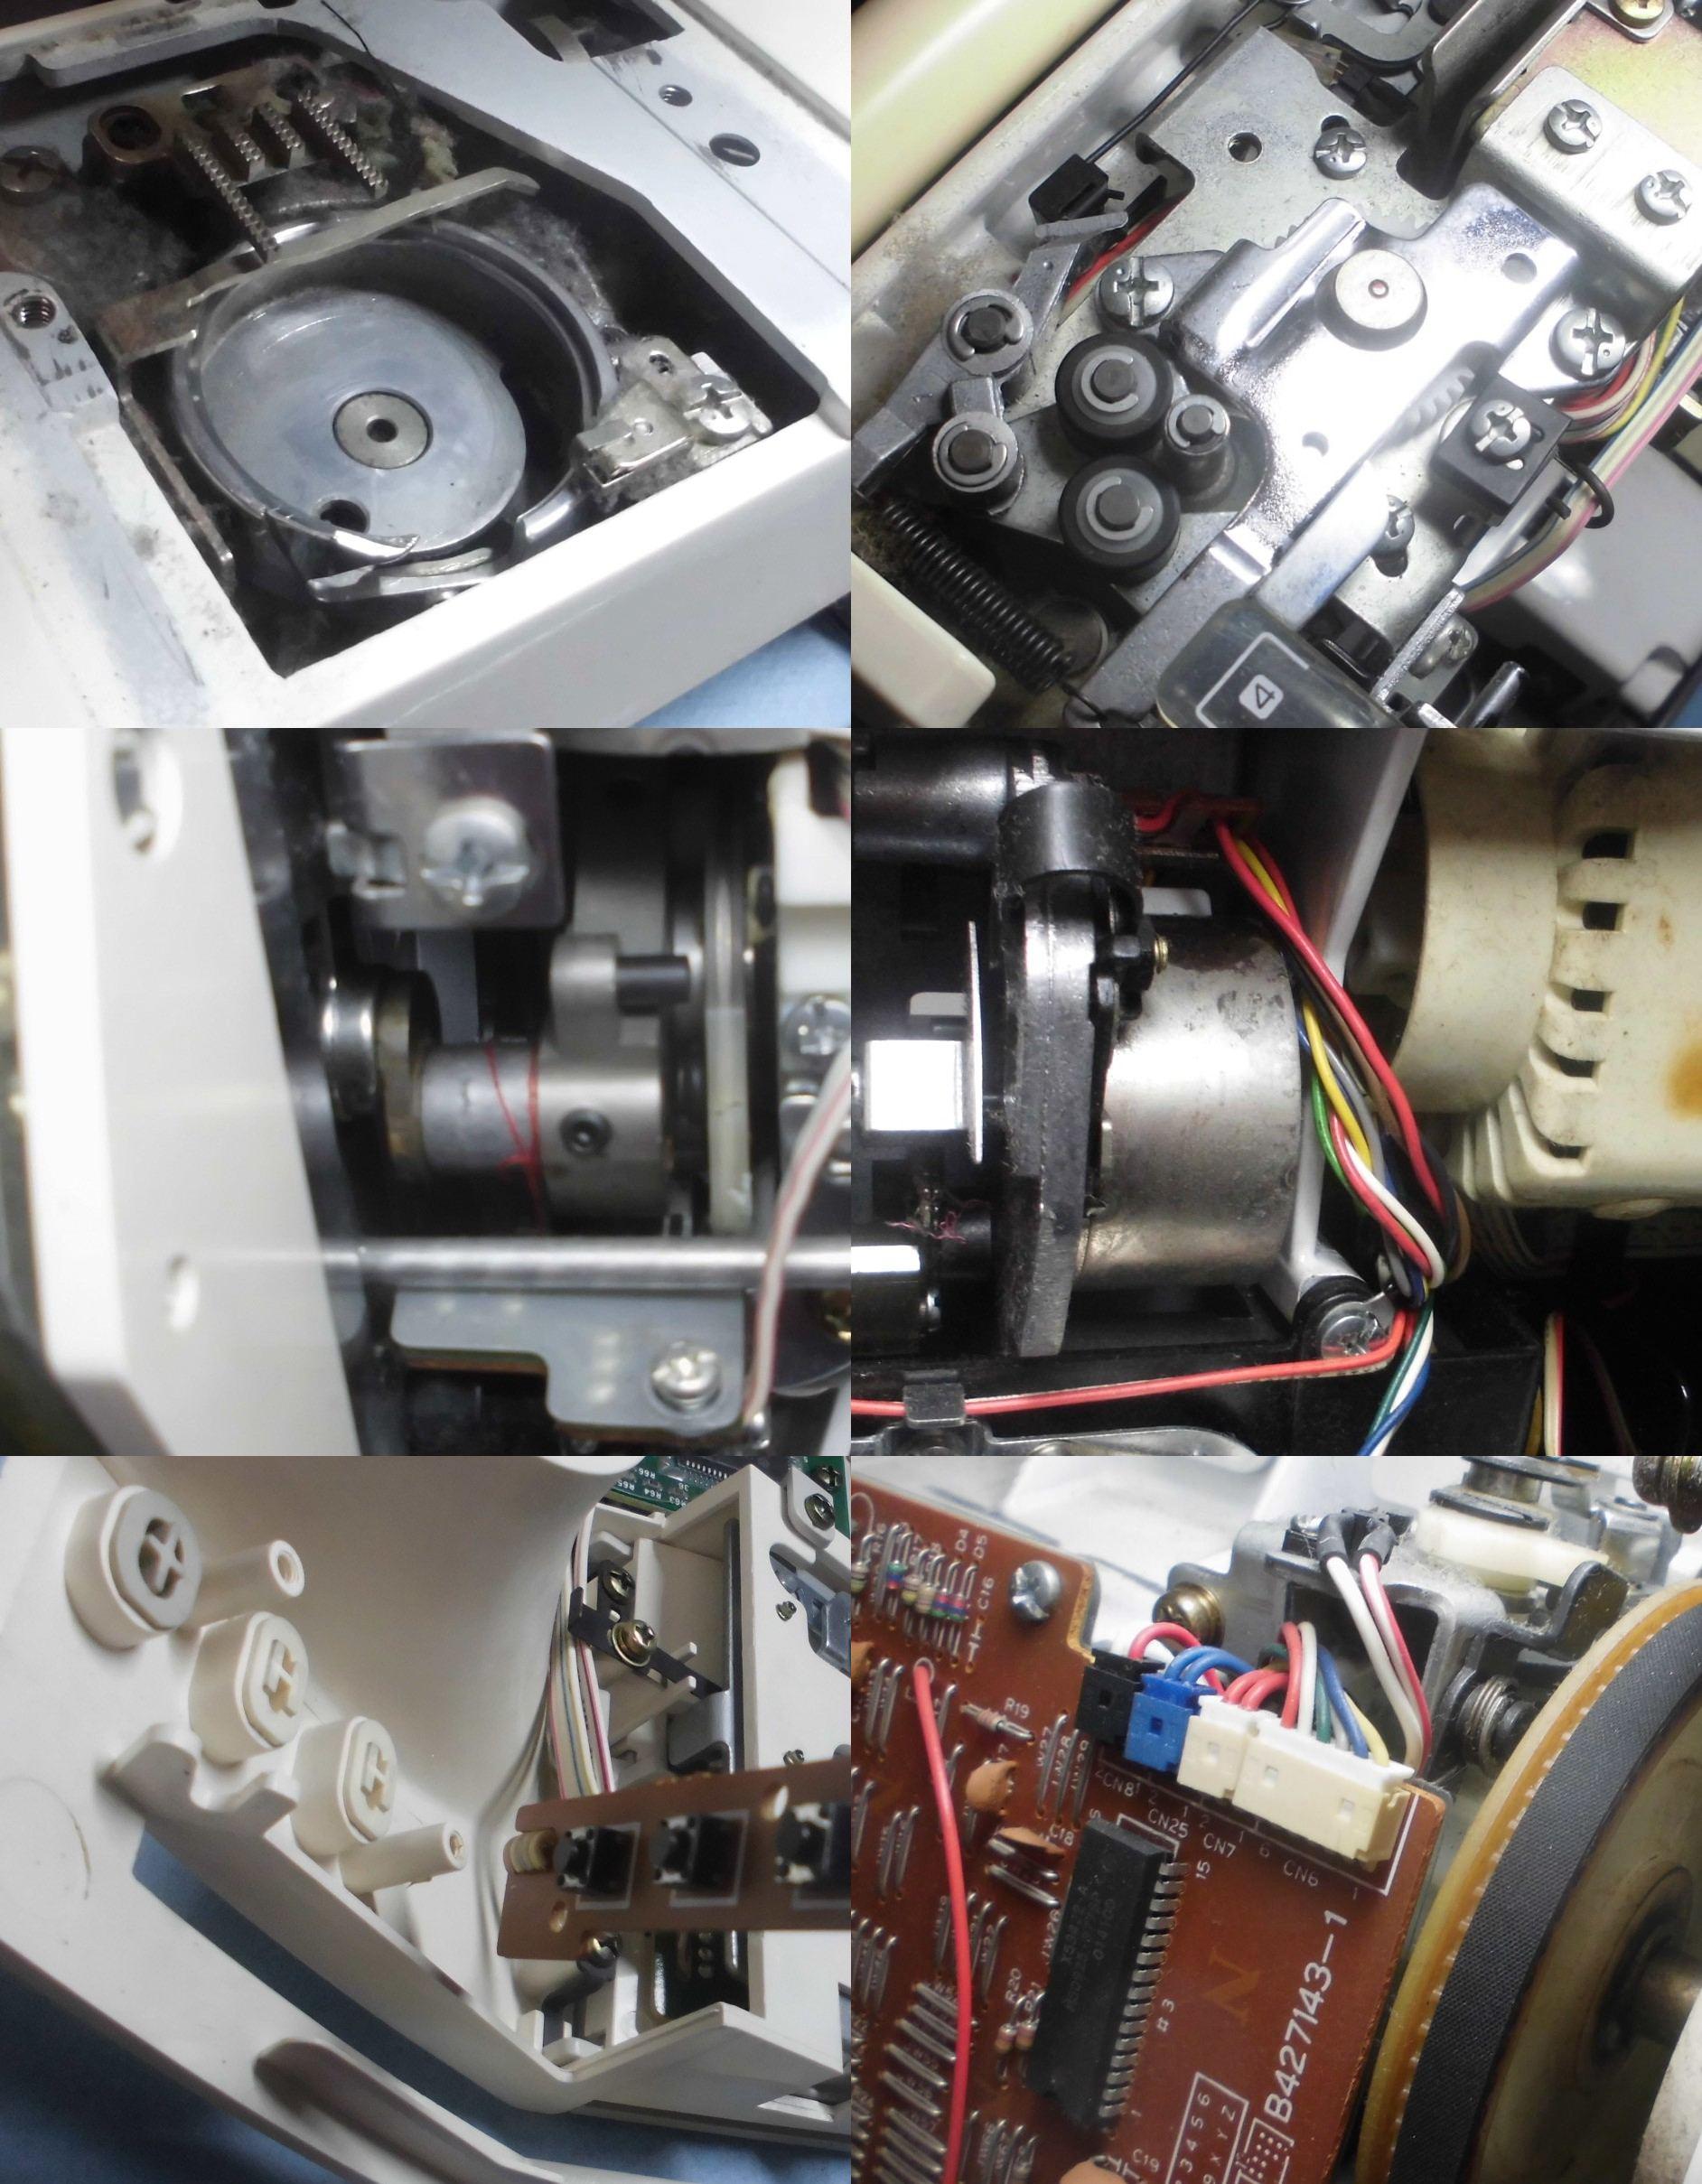 ブラザーミシン ルミュー7000の故障や不具合|糸がつる、糸が切れる、糸調子不良